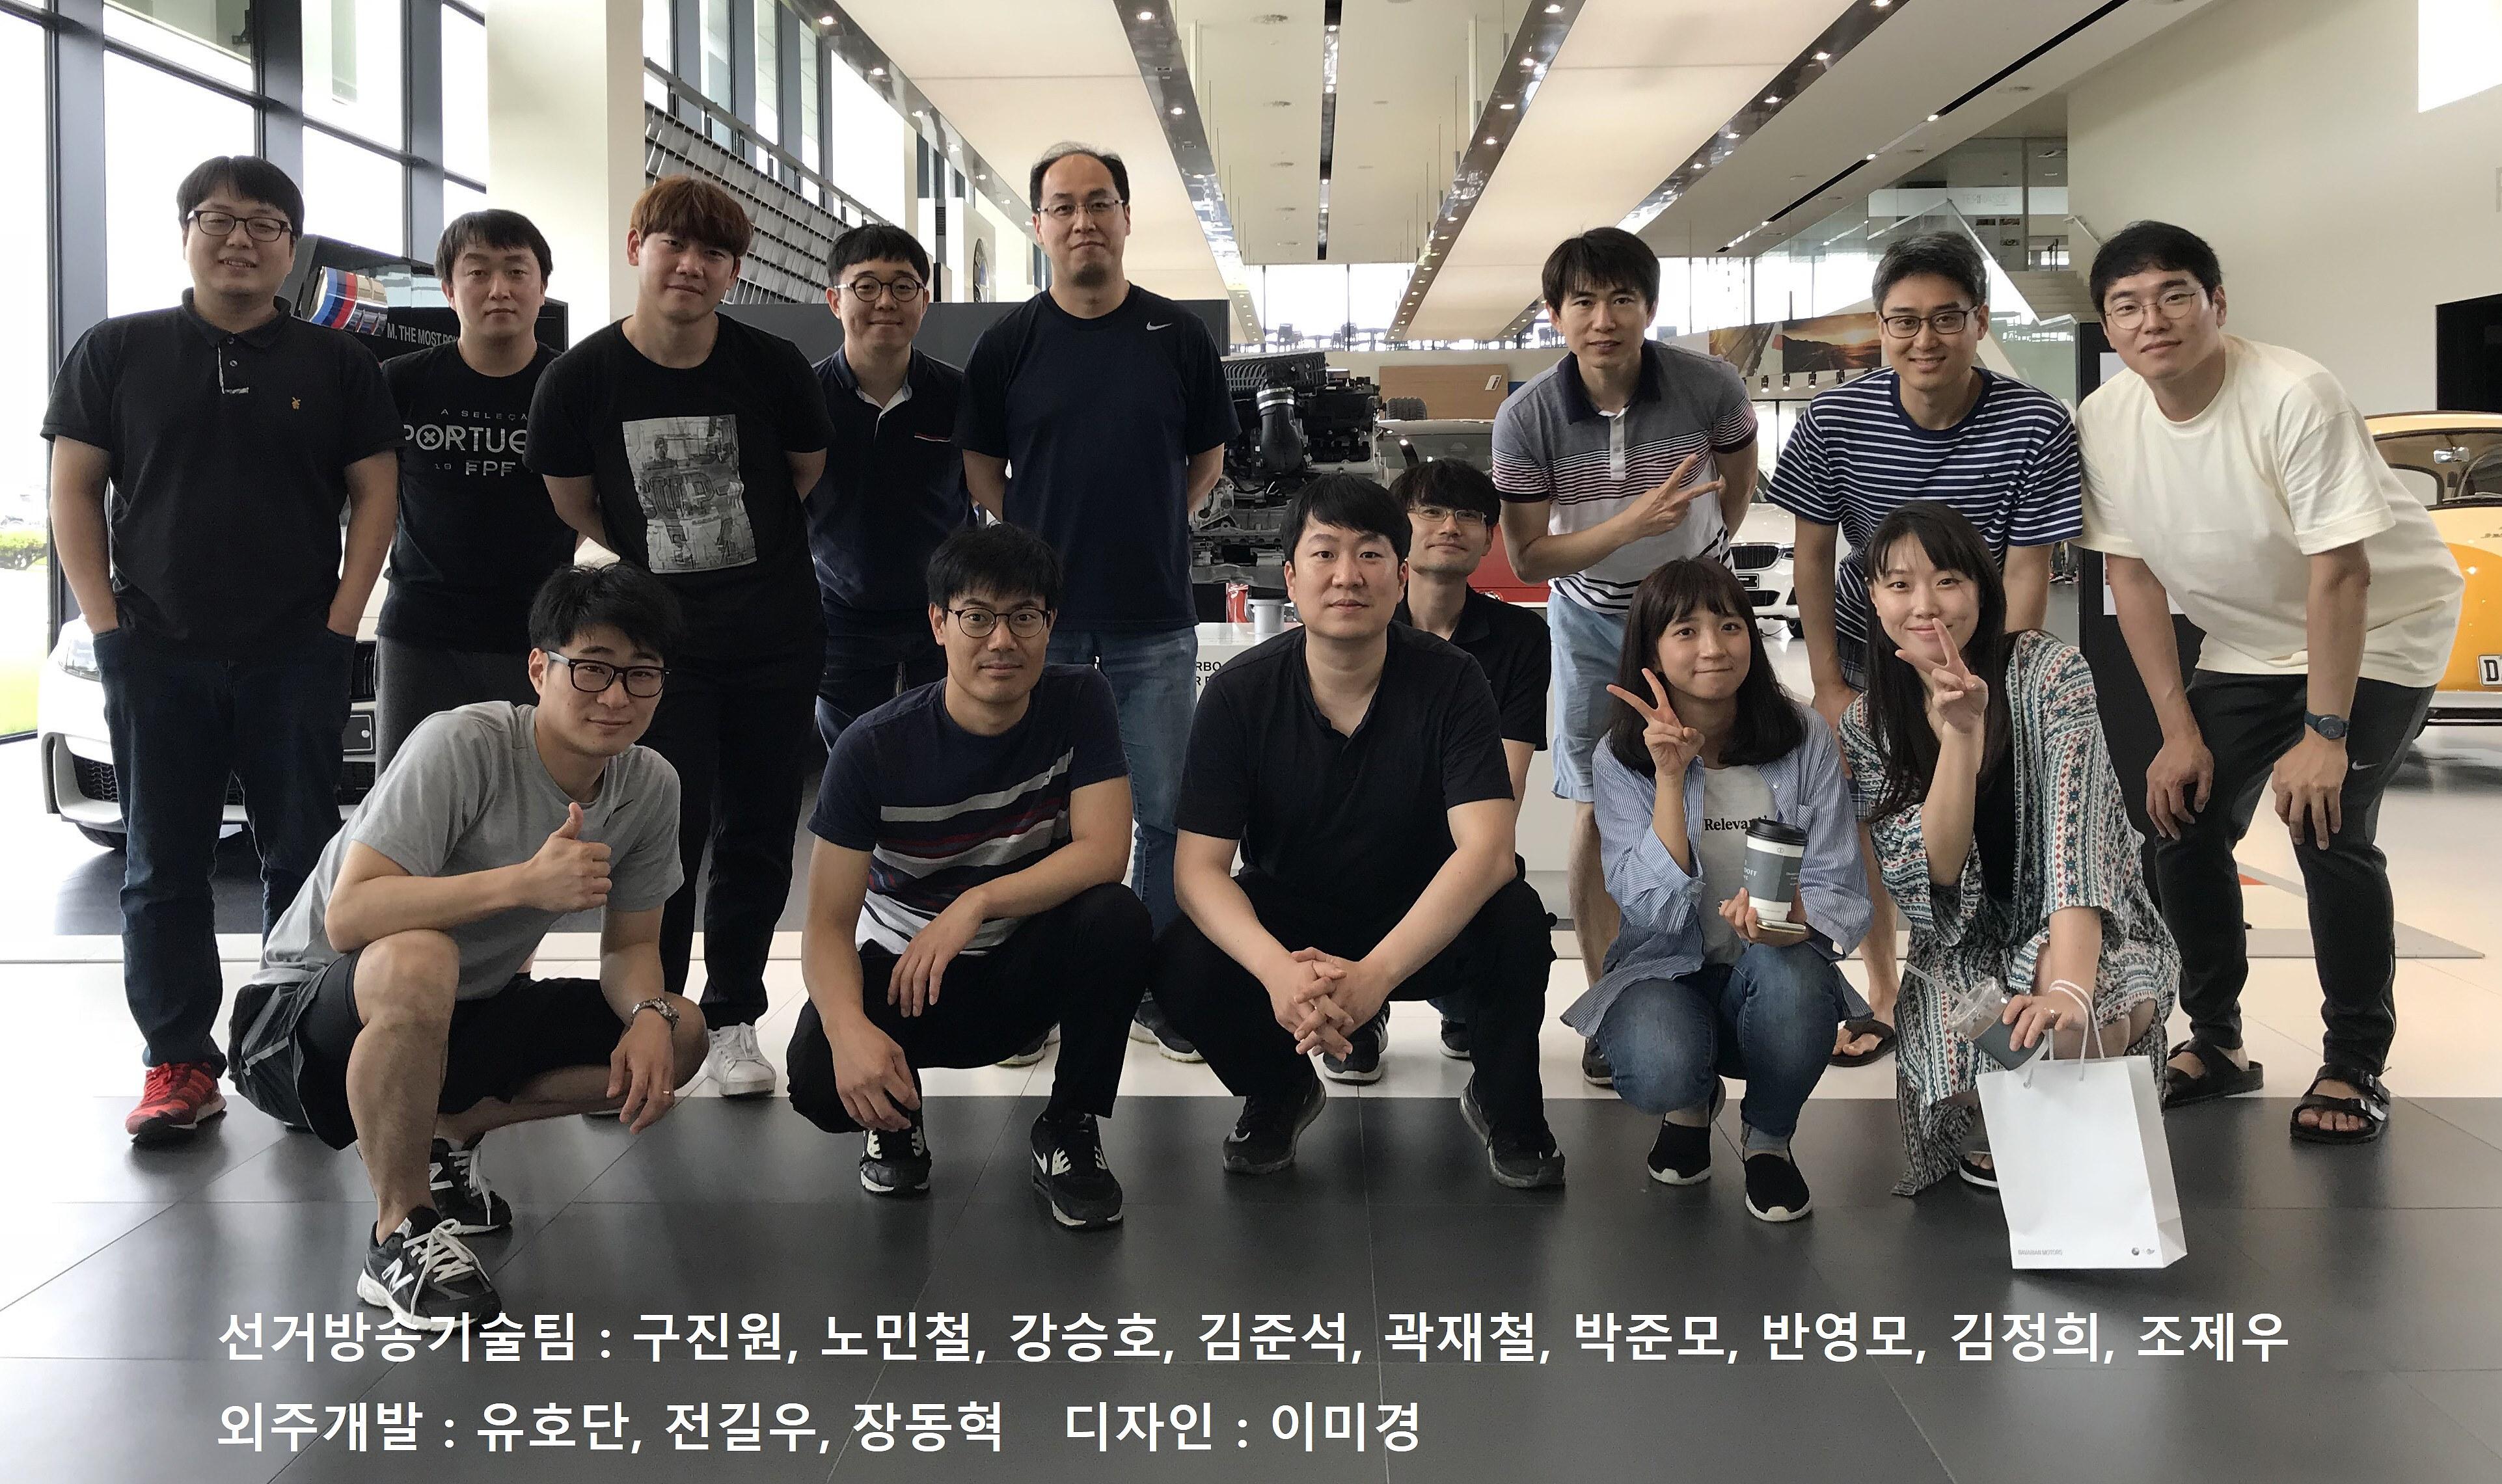 MBC선거방송기술팀 단체사진